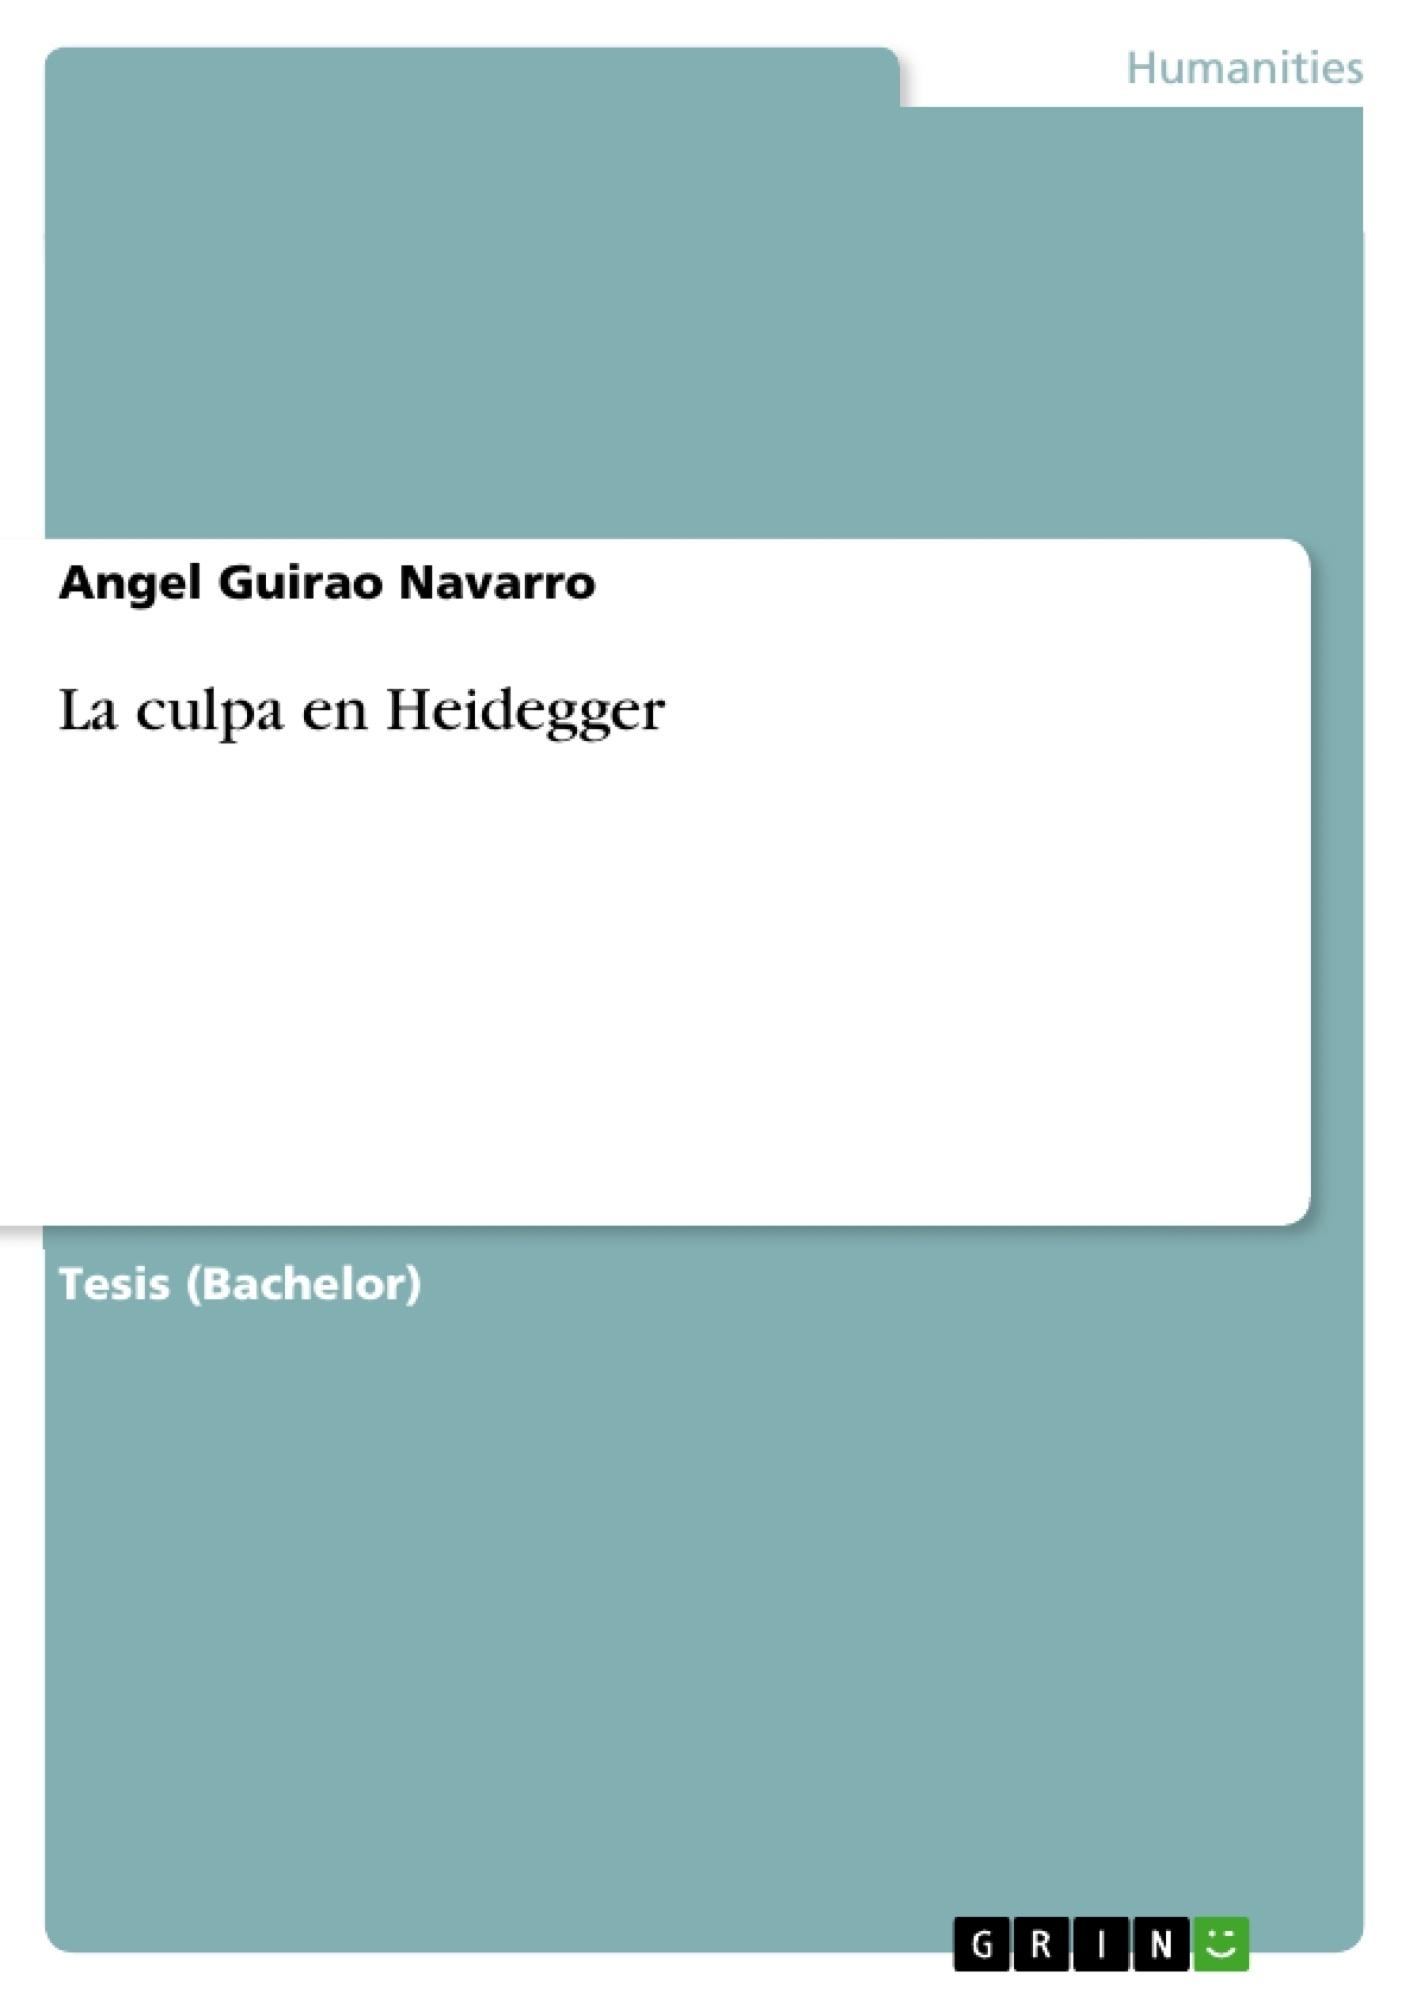 Título: La culpa en Heidegger